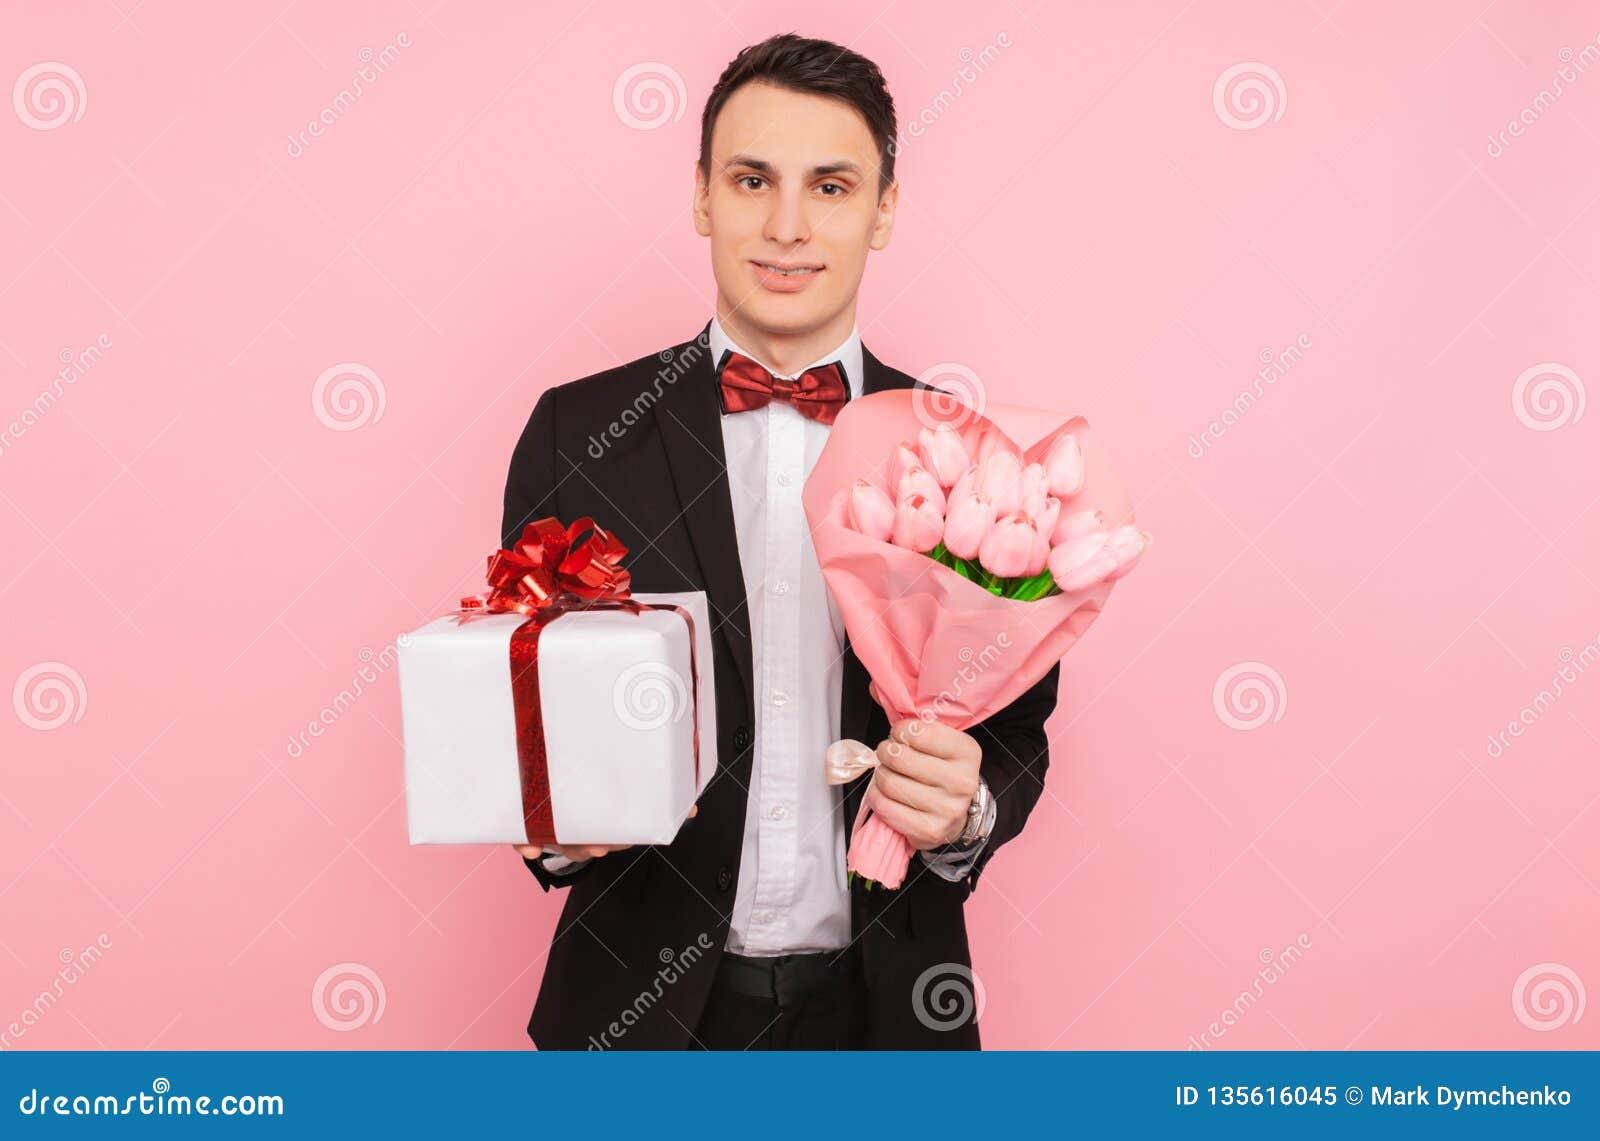 Homme élégant, dans un costume, avec un bouquet des fleurs, et un boîte-cadeau, sur un fond rose, le concept du jour des femmes